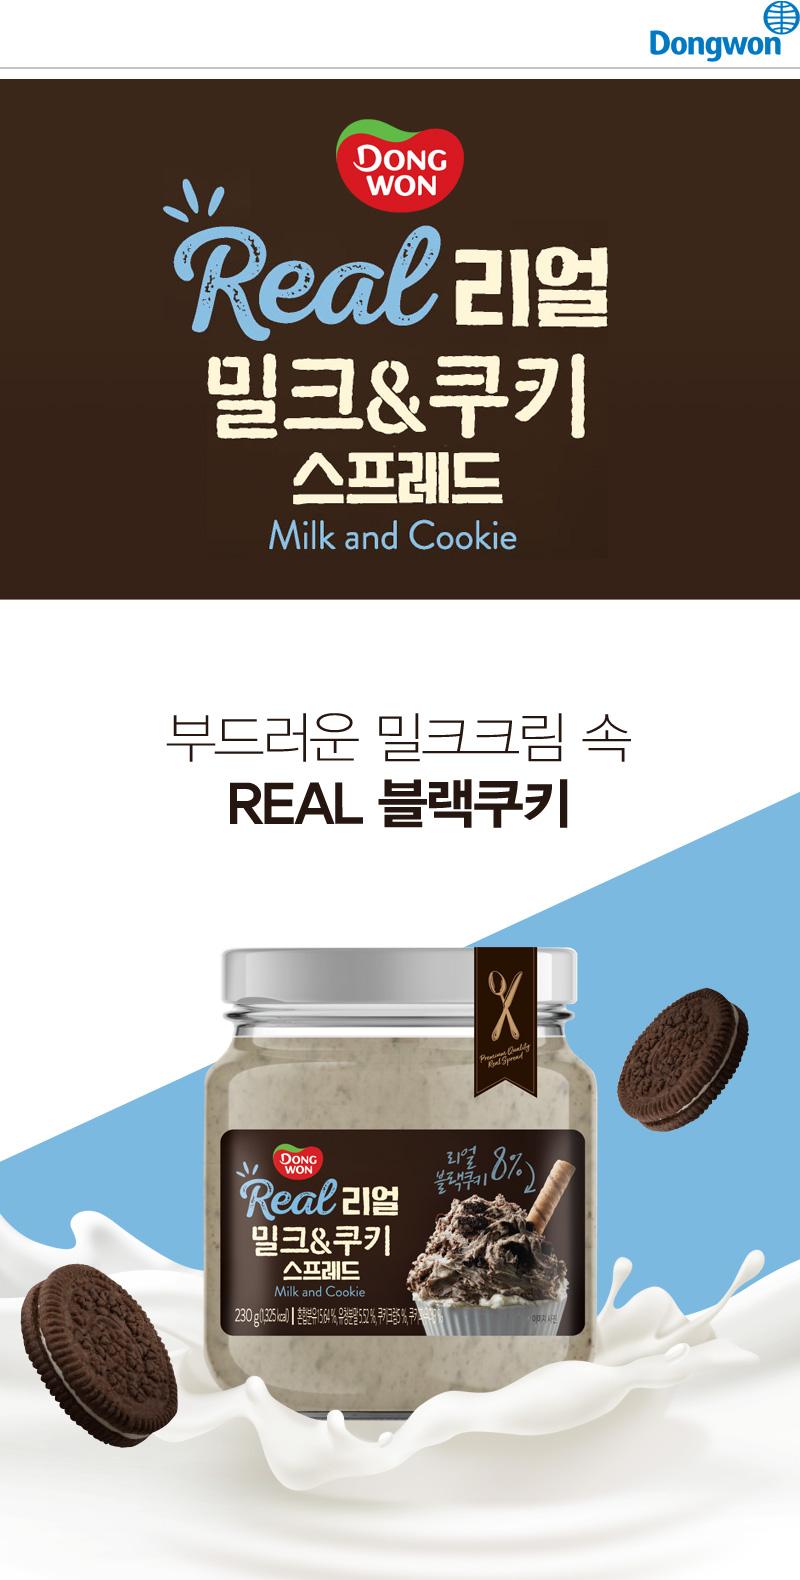 리얼 밀크&쿠키 스프레드 부드러운 밀크크림 속 REAL 블랙쿠키